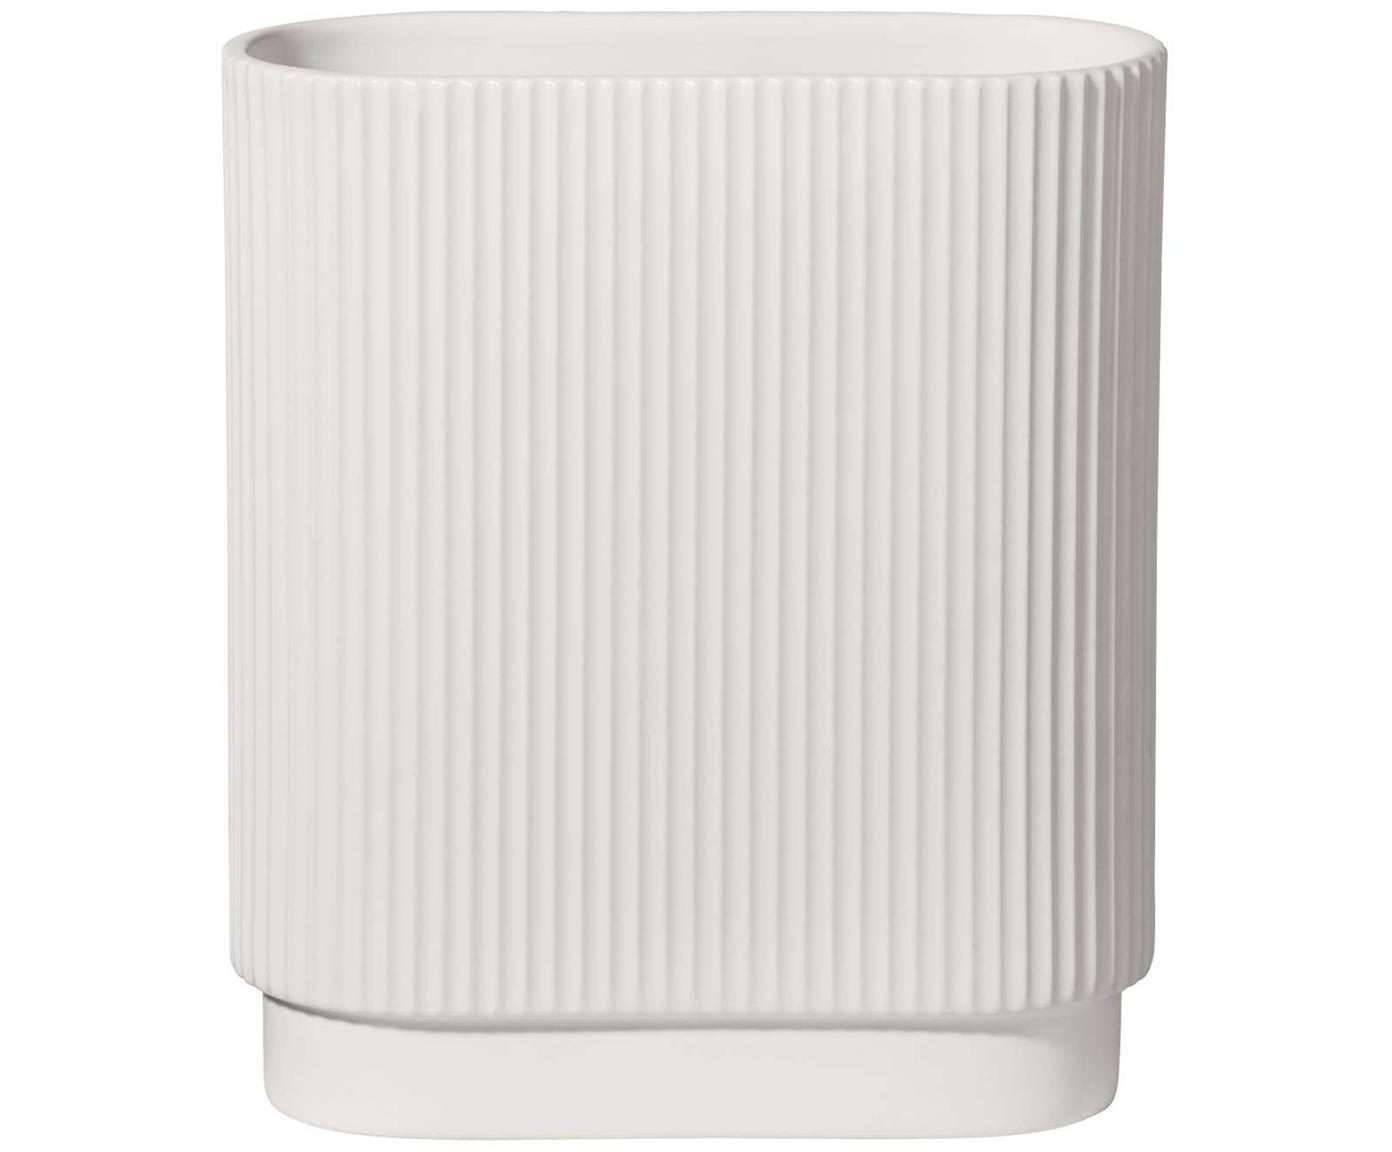 Duży wazon z porcelany Art Deco, Porcelana, Biały, S 17 x W 20 cm